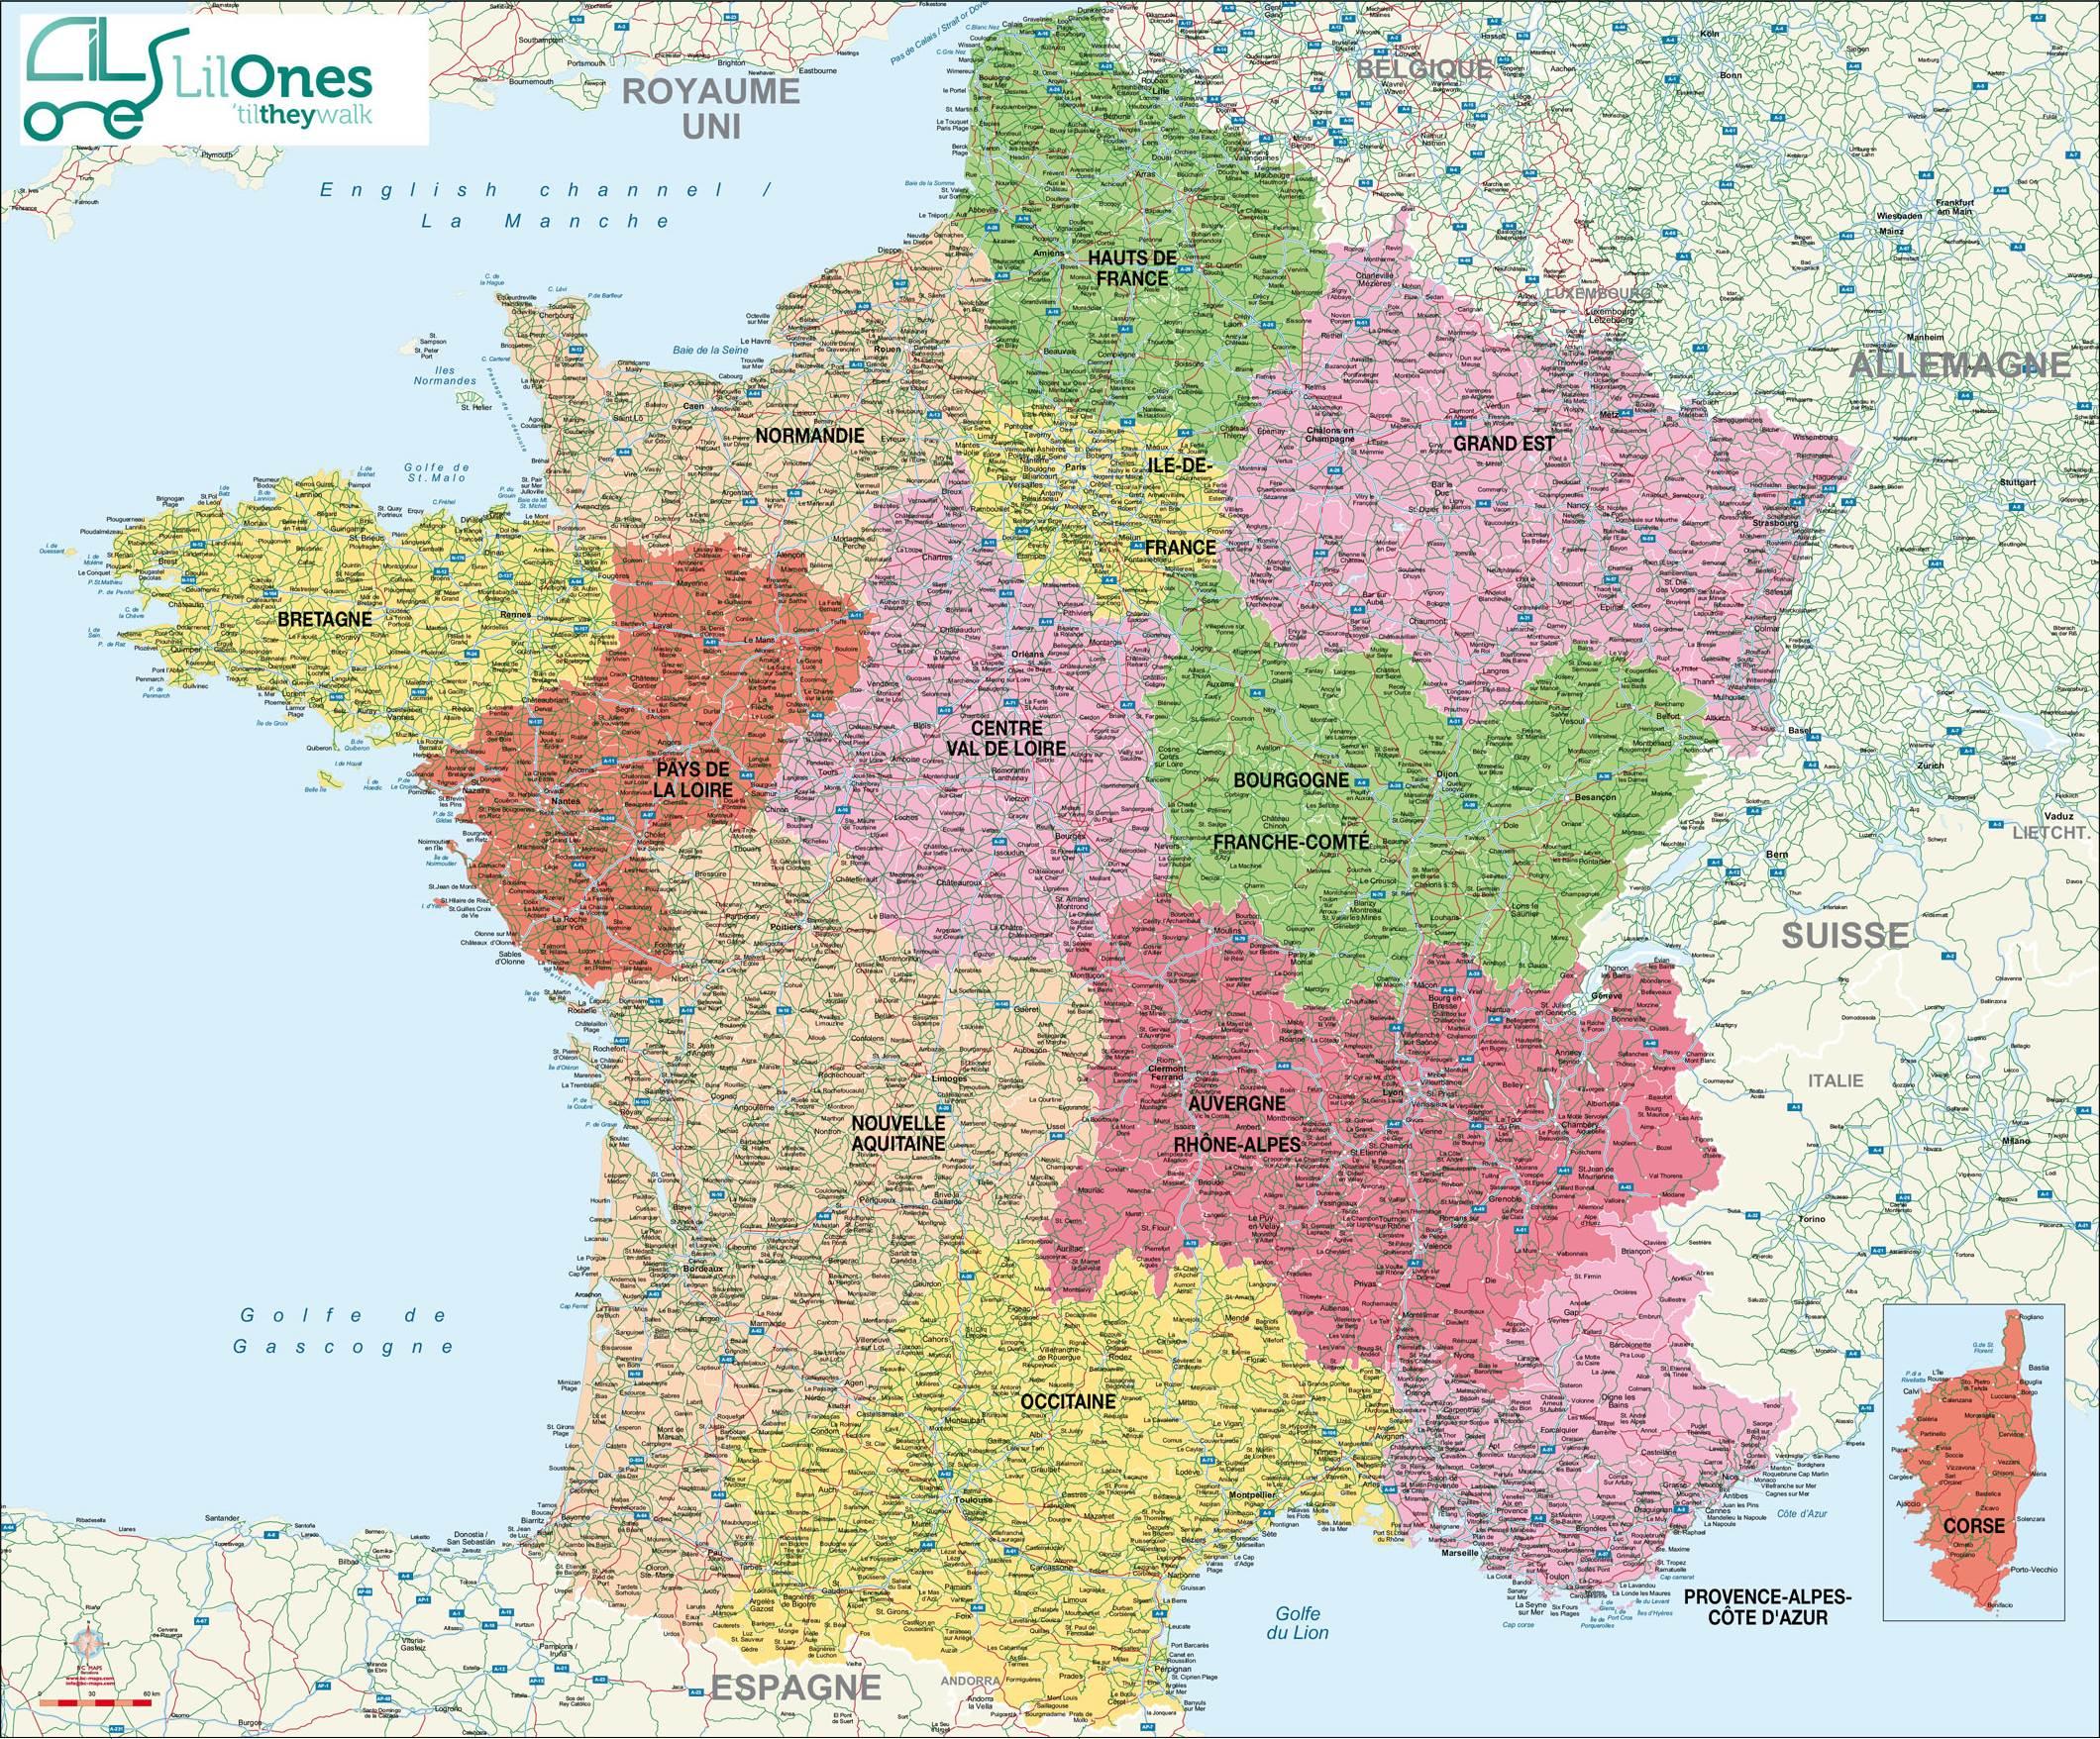 Cartes De France : Cartes Des Régions, Départements Et concernant Grande Carte De France